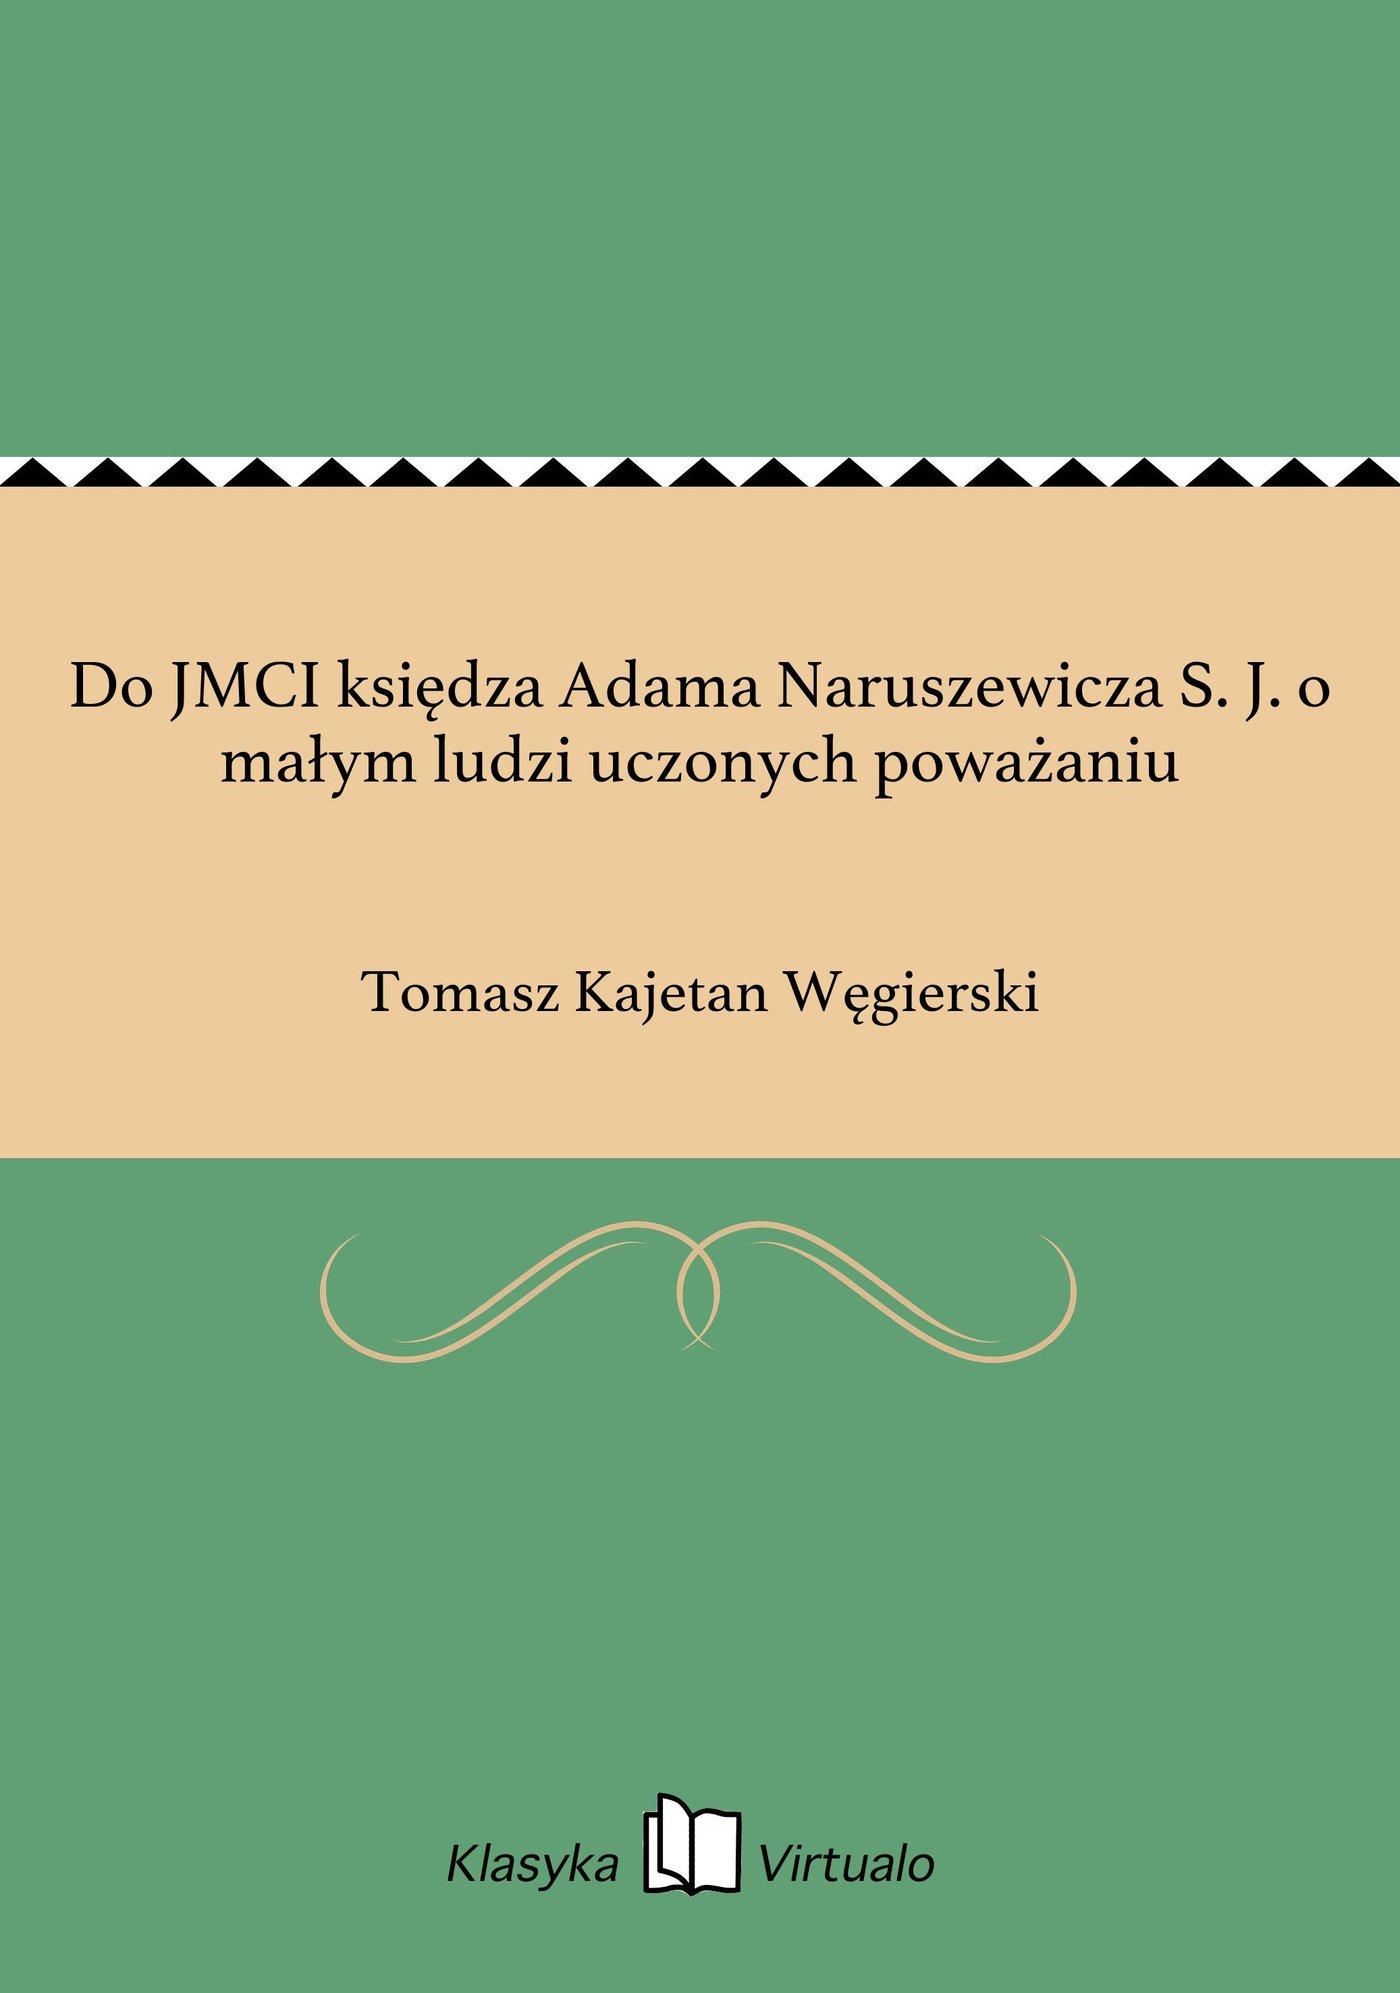 Do JMCI księdza Adama Naruszewicza S. J. o małym ludzi uczonych poważaniu - Ebook (Książka EPUB) do pobrania w formacie EPUB